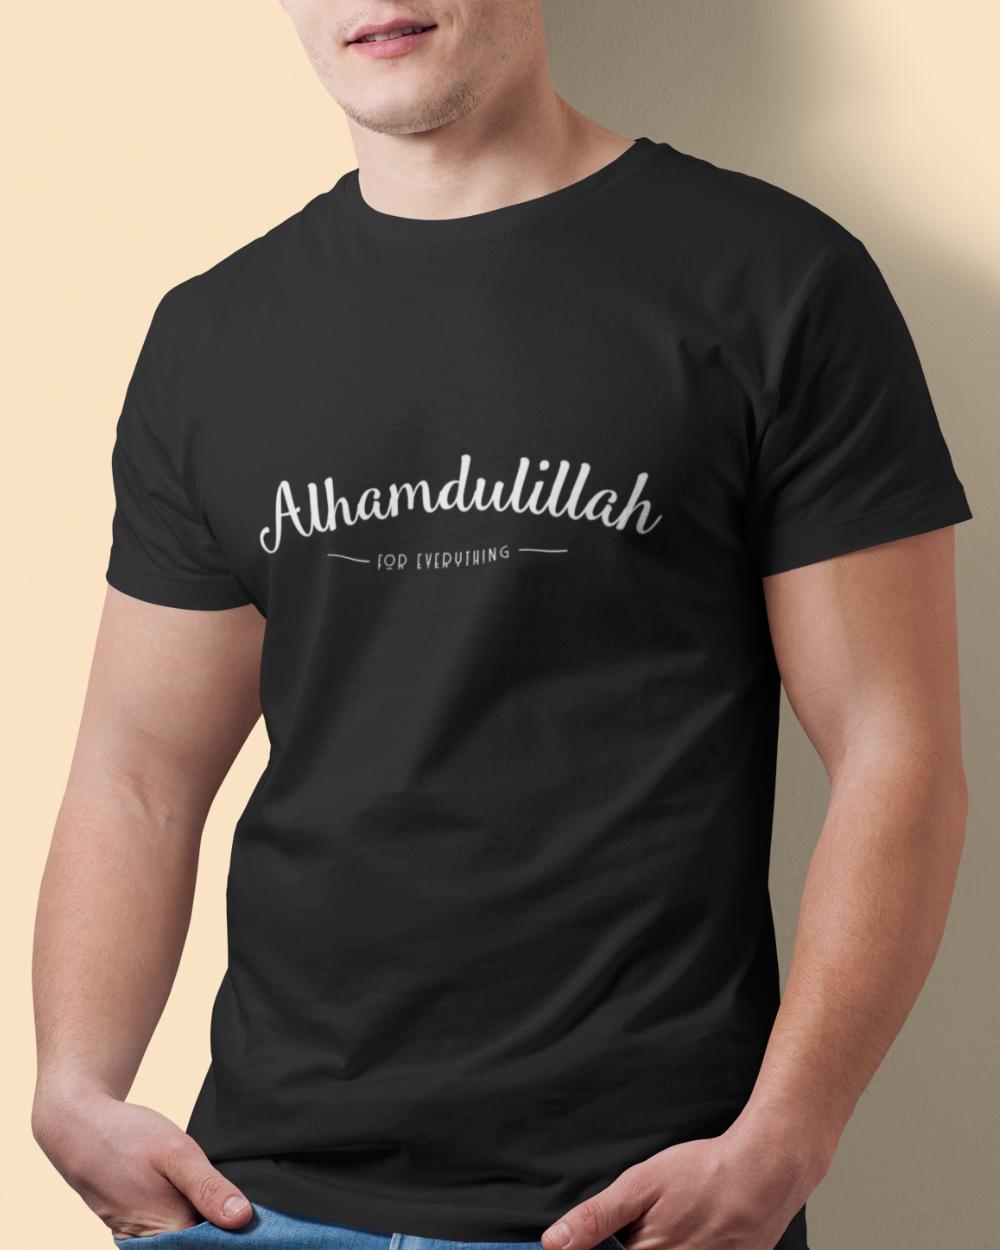 alhamdulliah